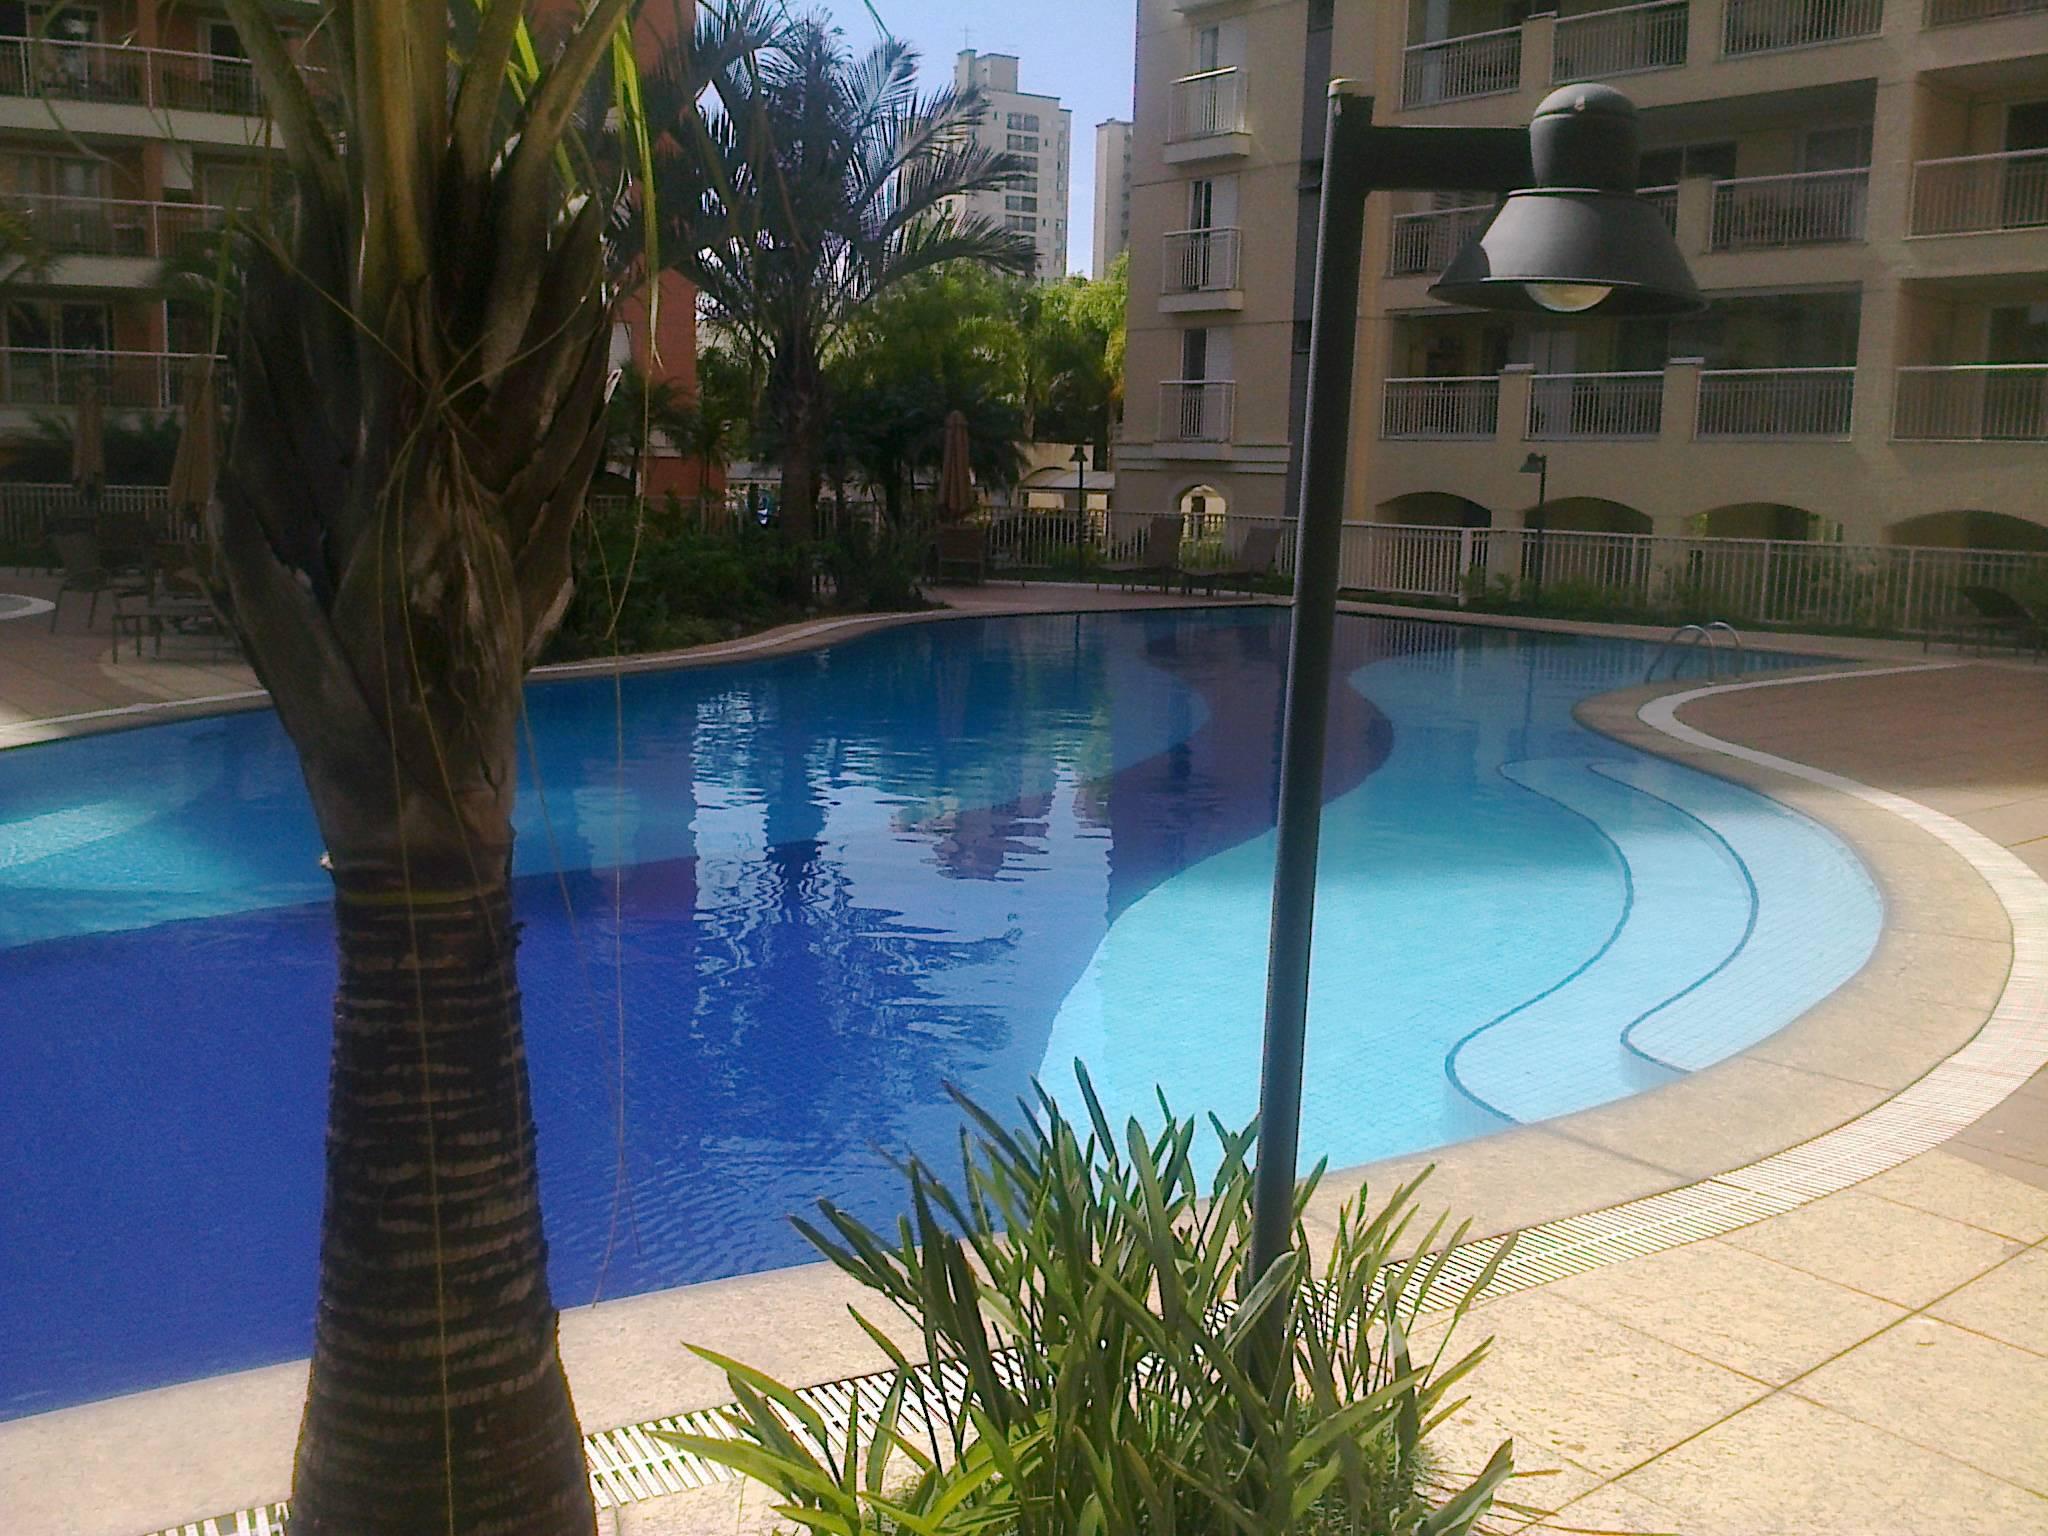 limpeza de piscina zona oeste qualy tratus piscinas